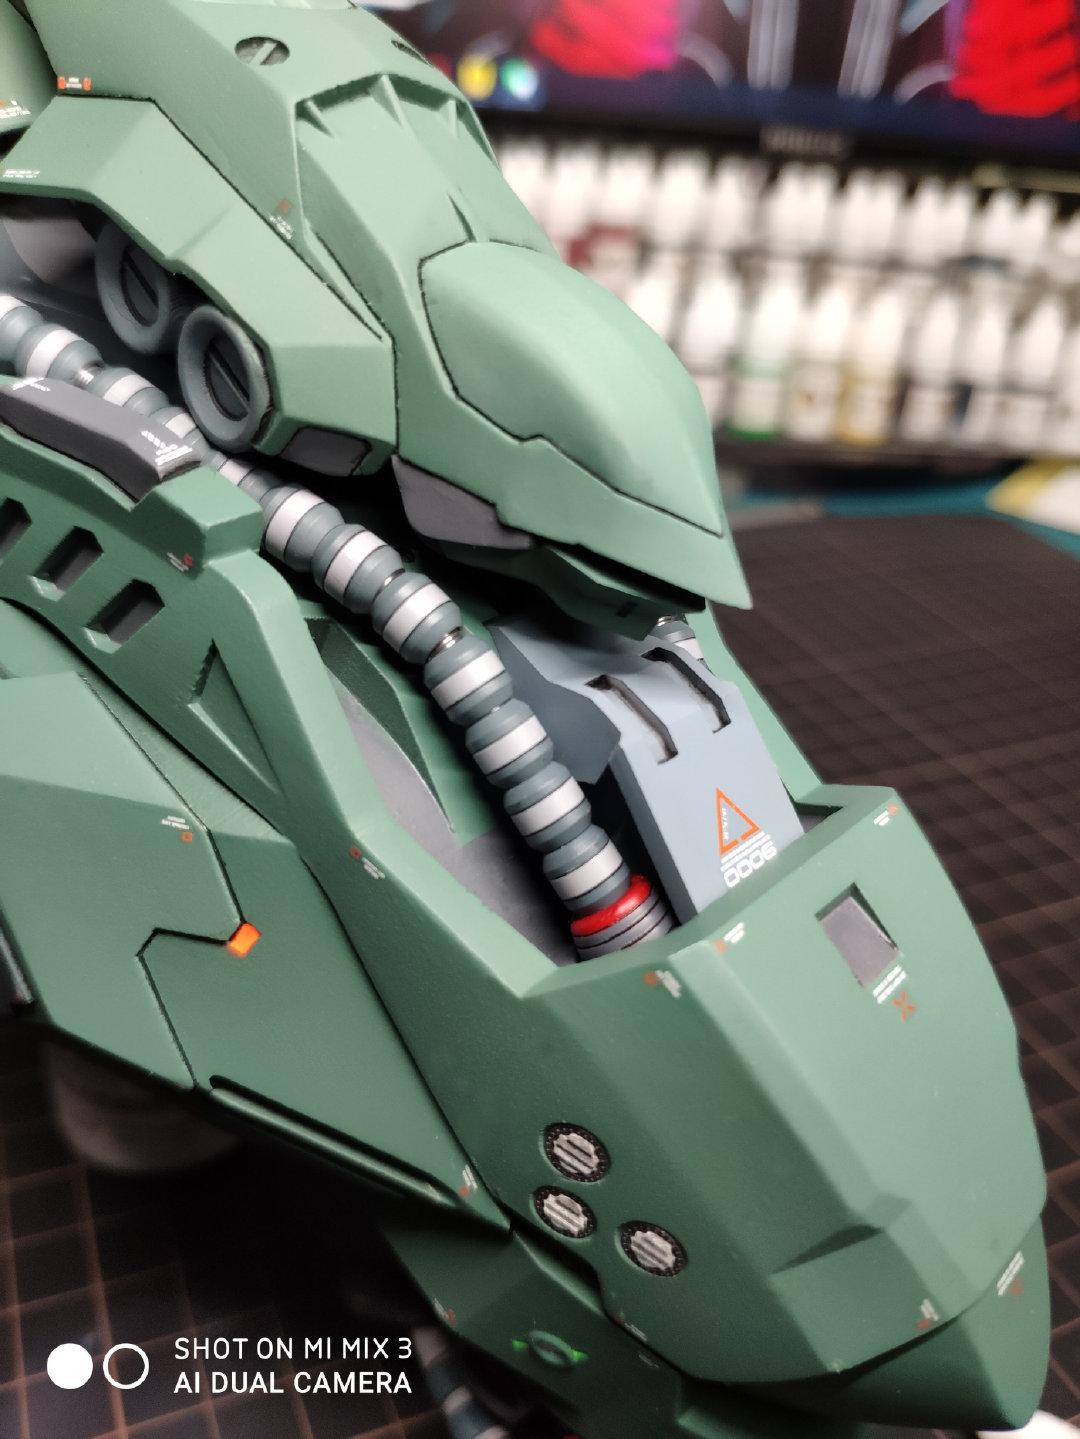 G330_AMX_002_Neue_Ziel_p_124.jpg